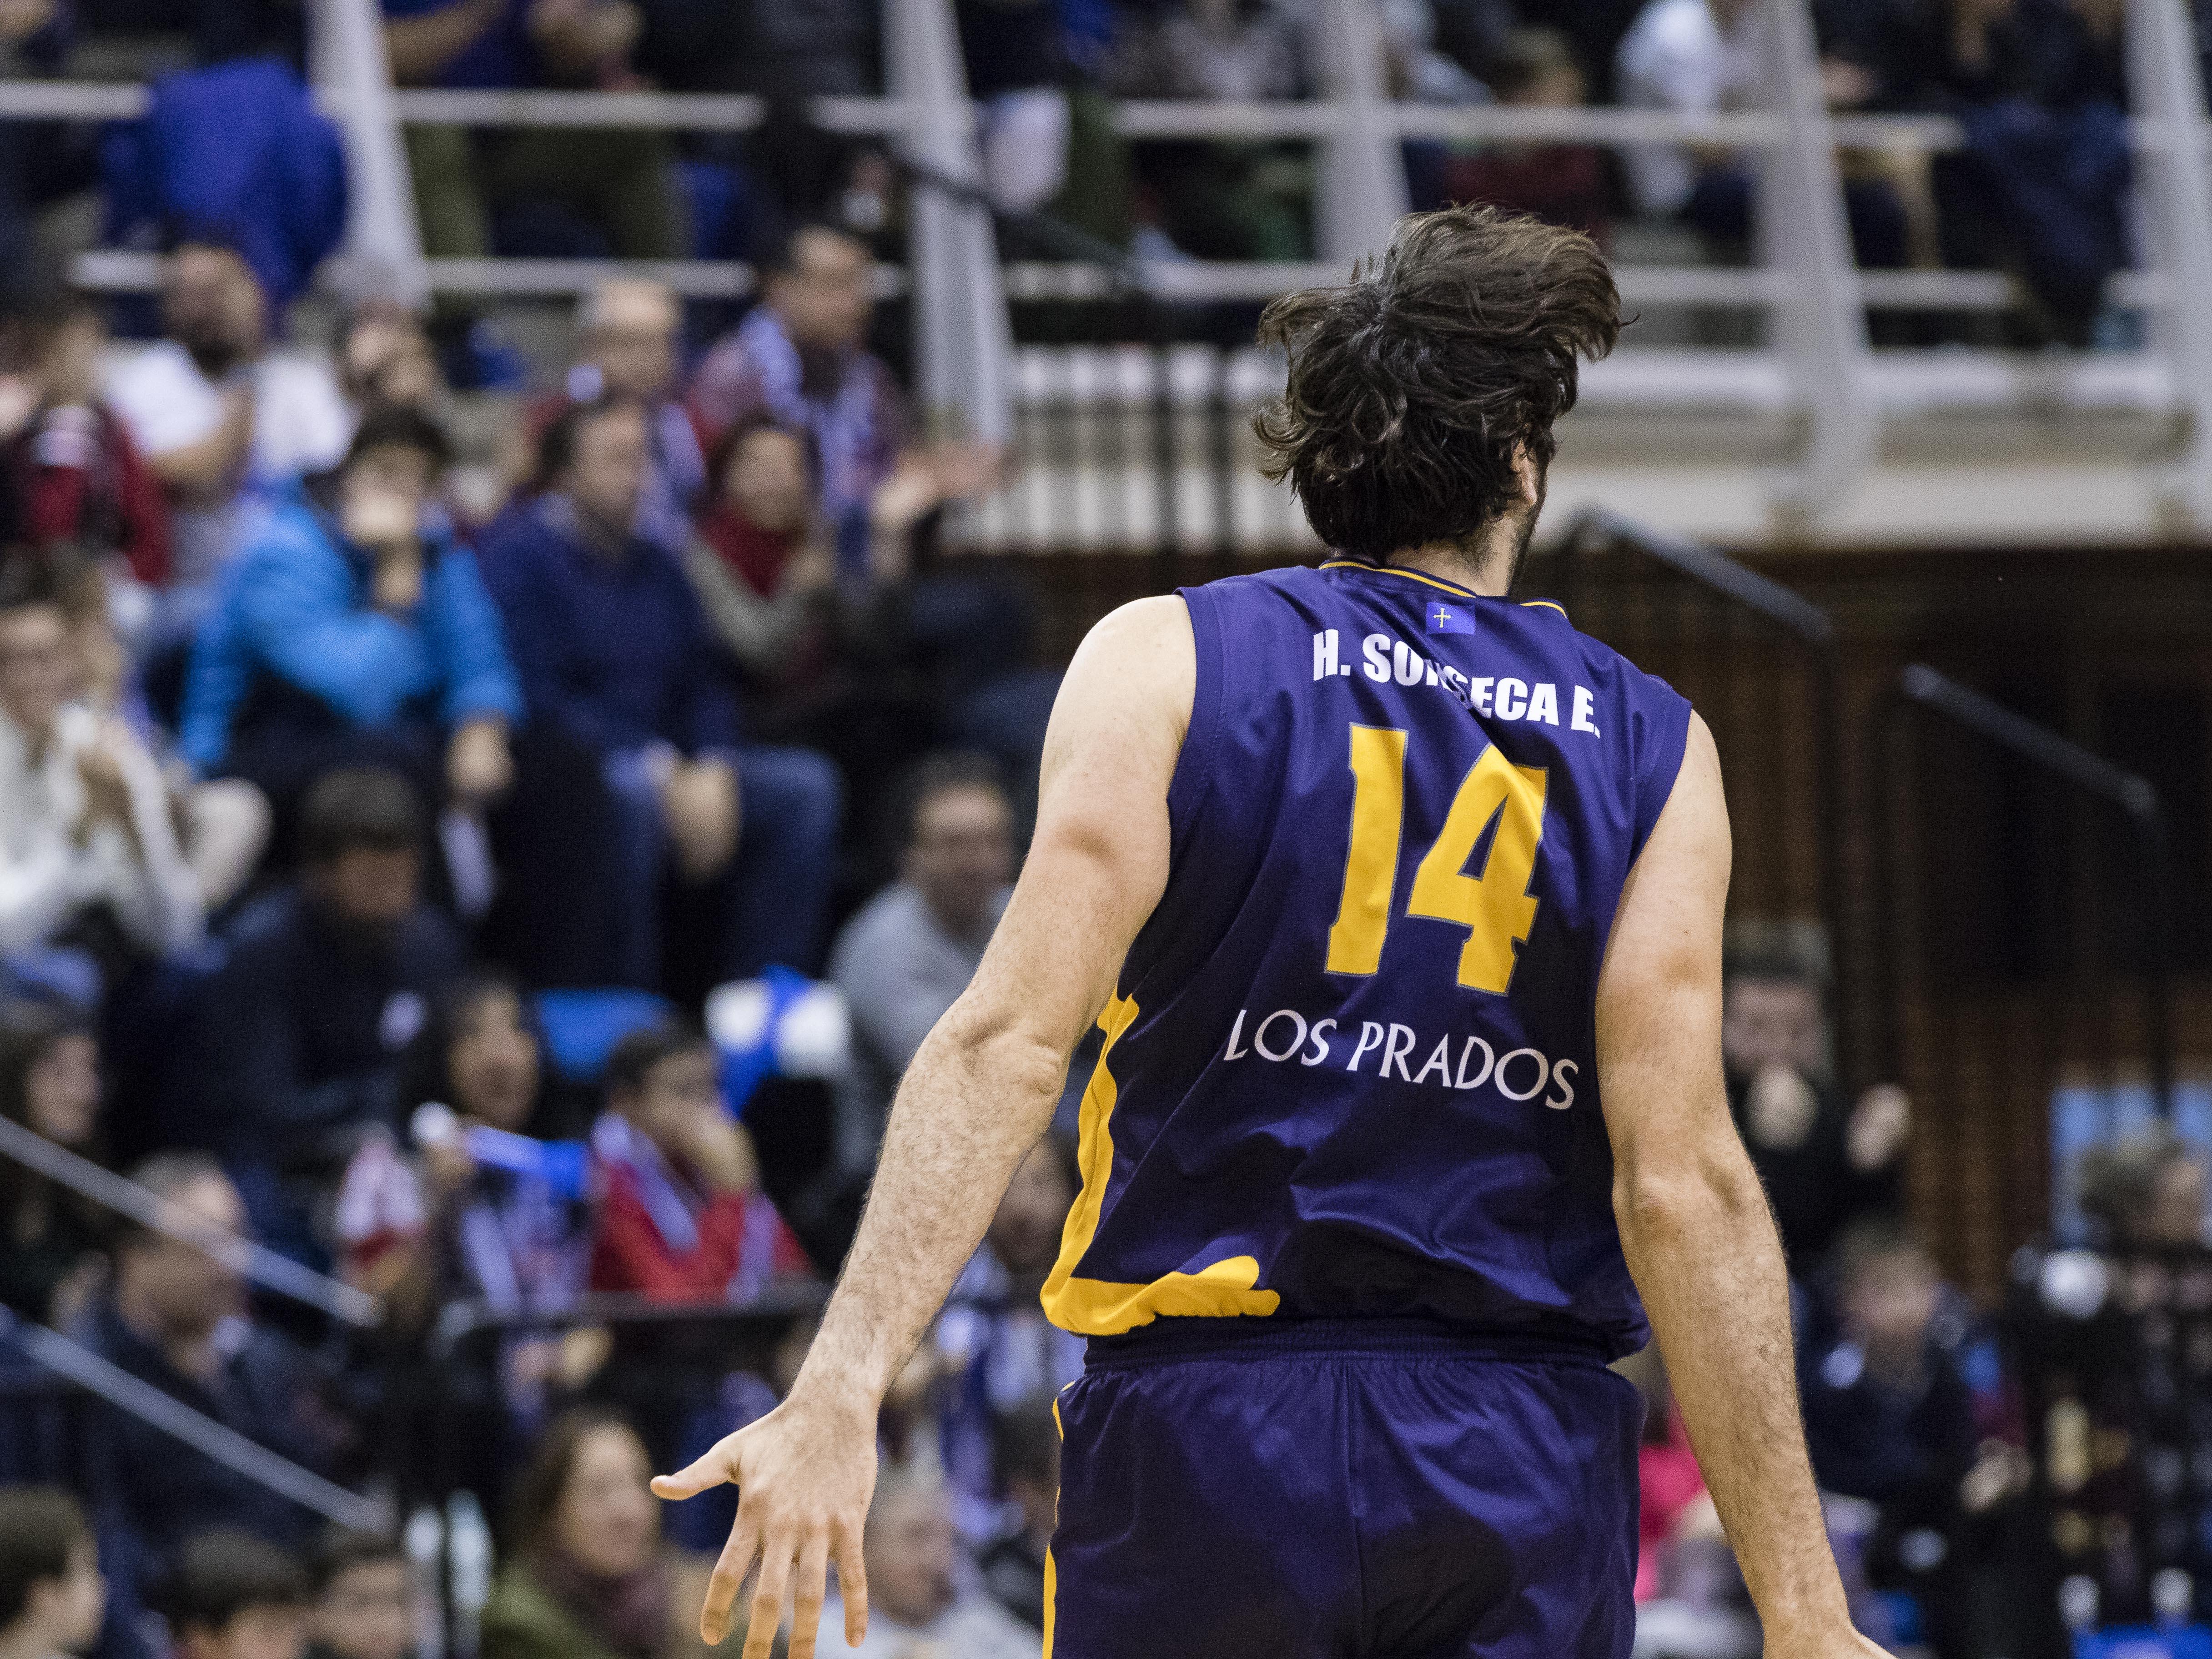 Eduardo Sonseca celebrando un triple (Foto: Christian García)